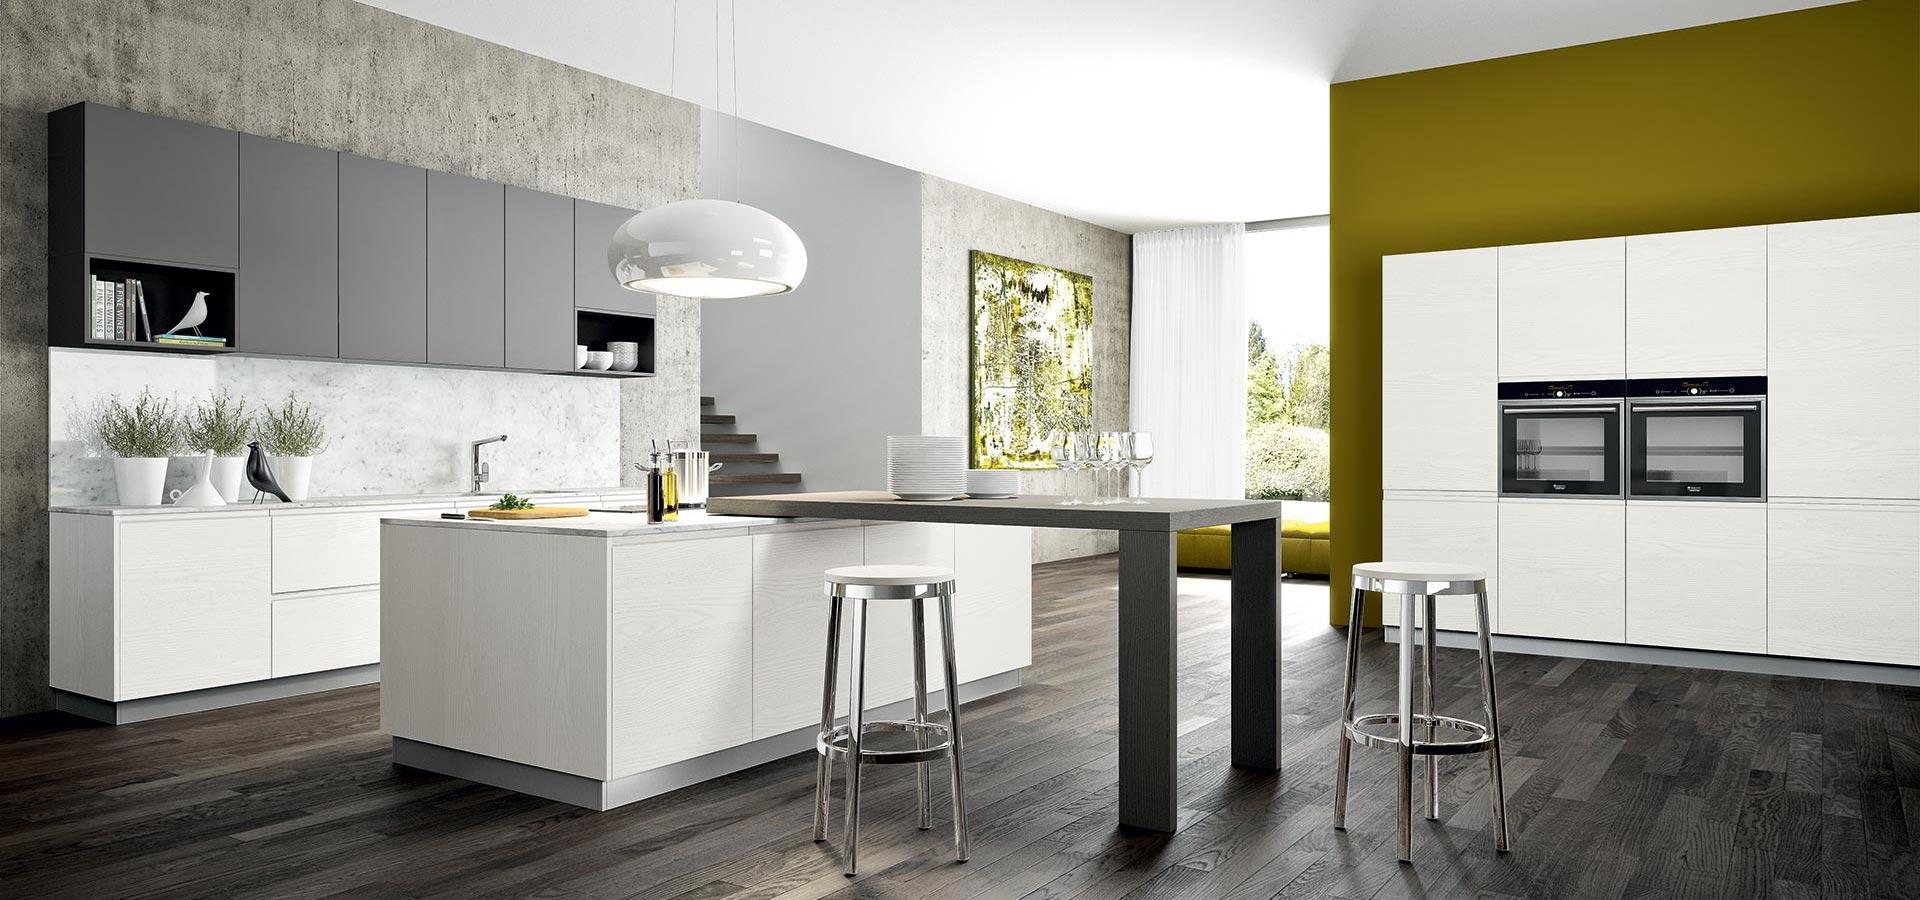 Cucine bicolore: pro e (pochi) contro di una scelta di valore - Blog ...